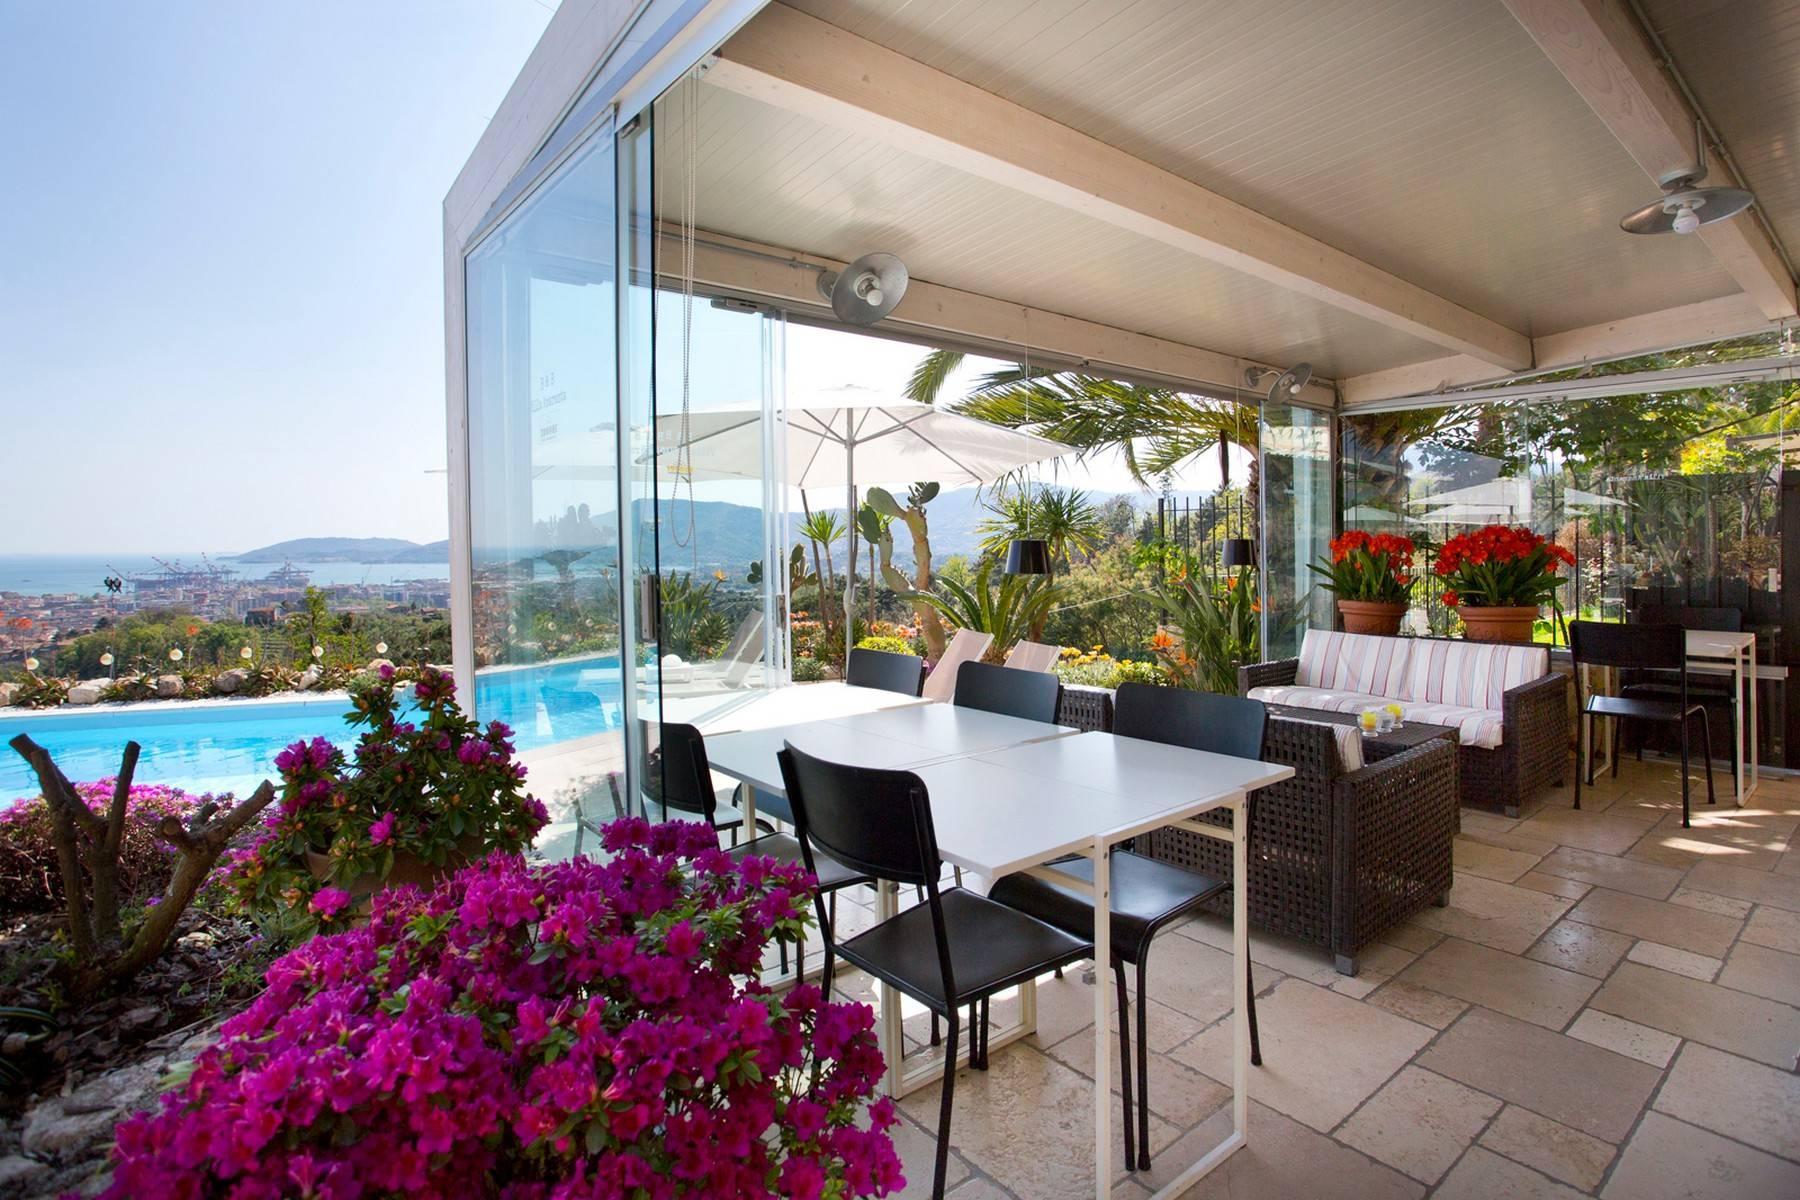 Wunderschöne Villa mit Blick auf die Bucht von La Spezia - 5